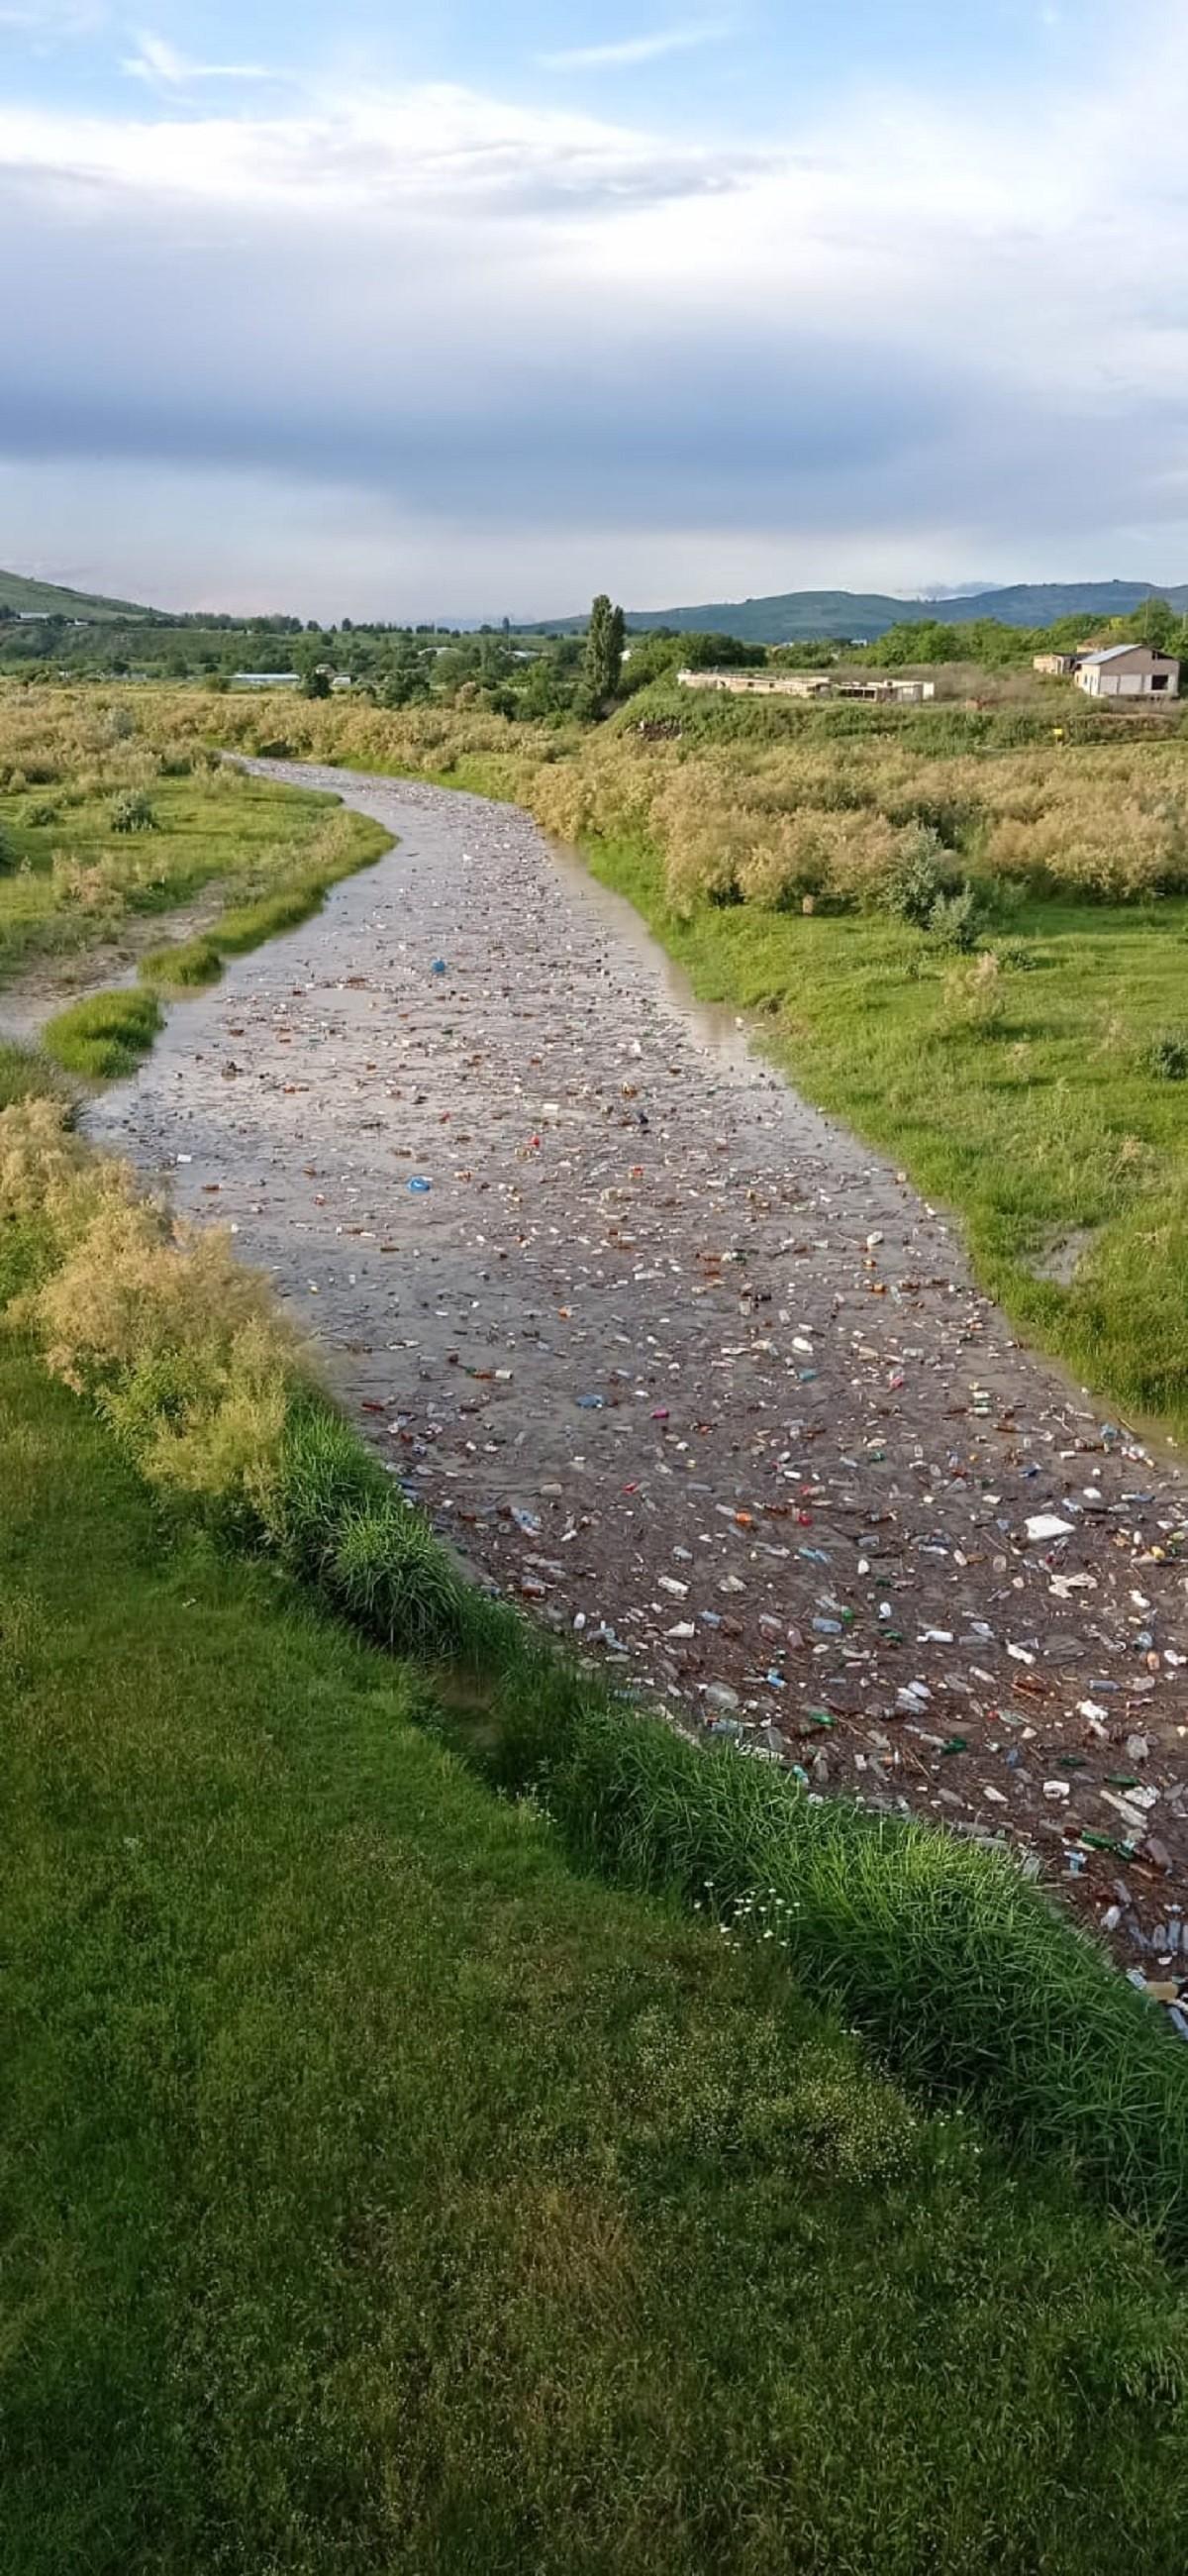 Imaginea dezastrului ecologic. Mii de PET-uri în apele râului Cricovul Sărat, la intrarea spre Albești-Paleologu – VIDEO, FOTO 1